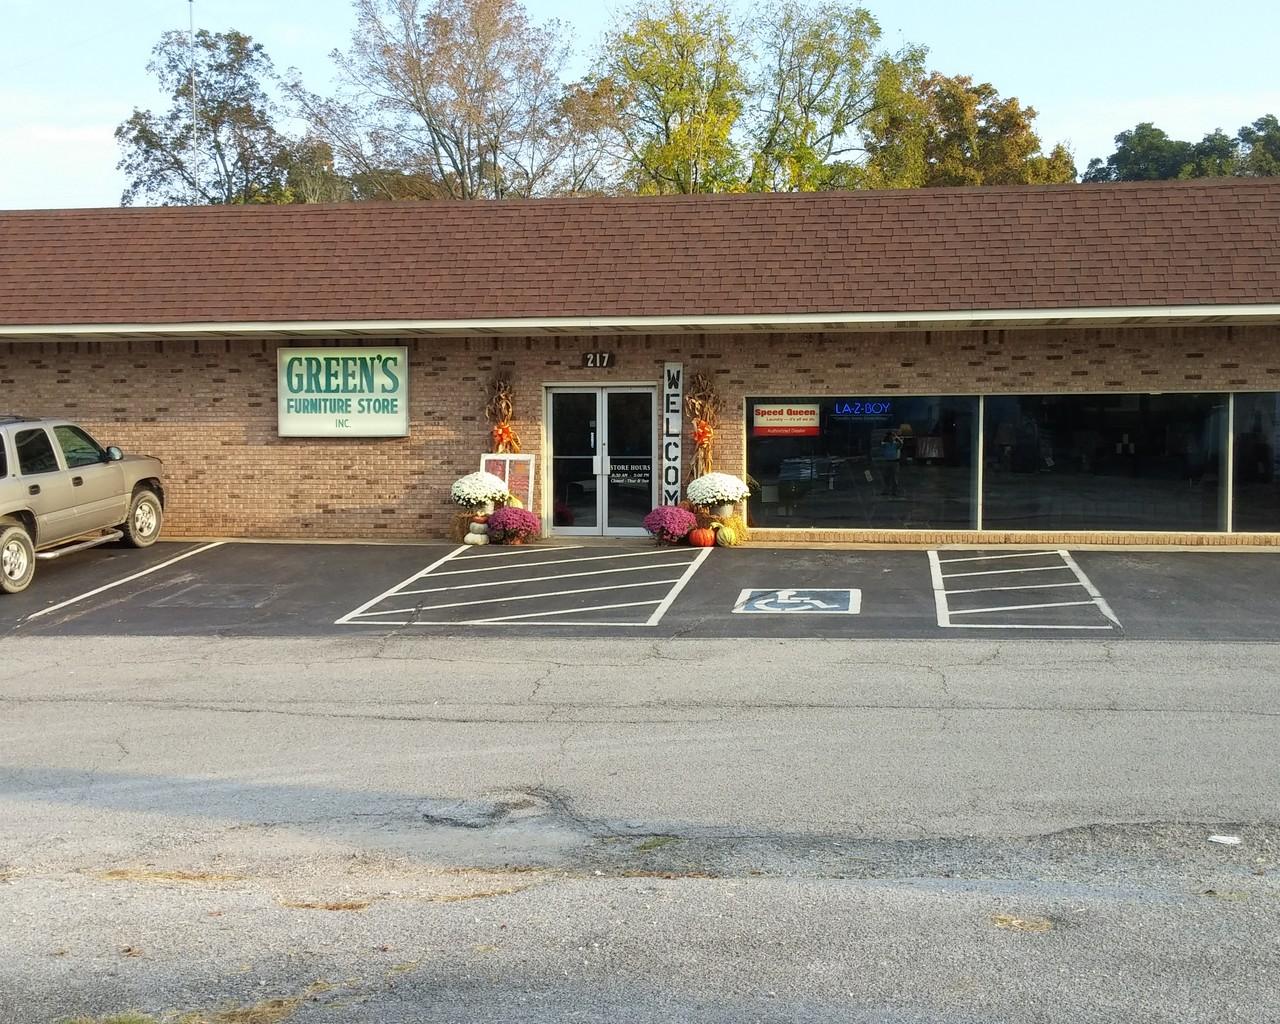 Green's Furniture Store, Inc - Loretto, TN